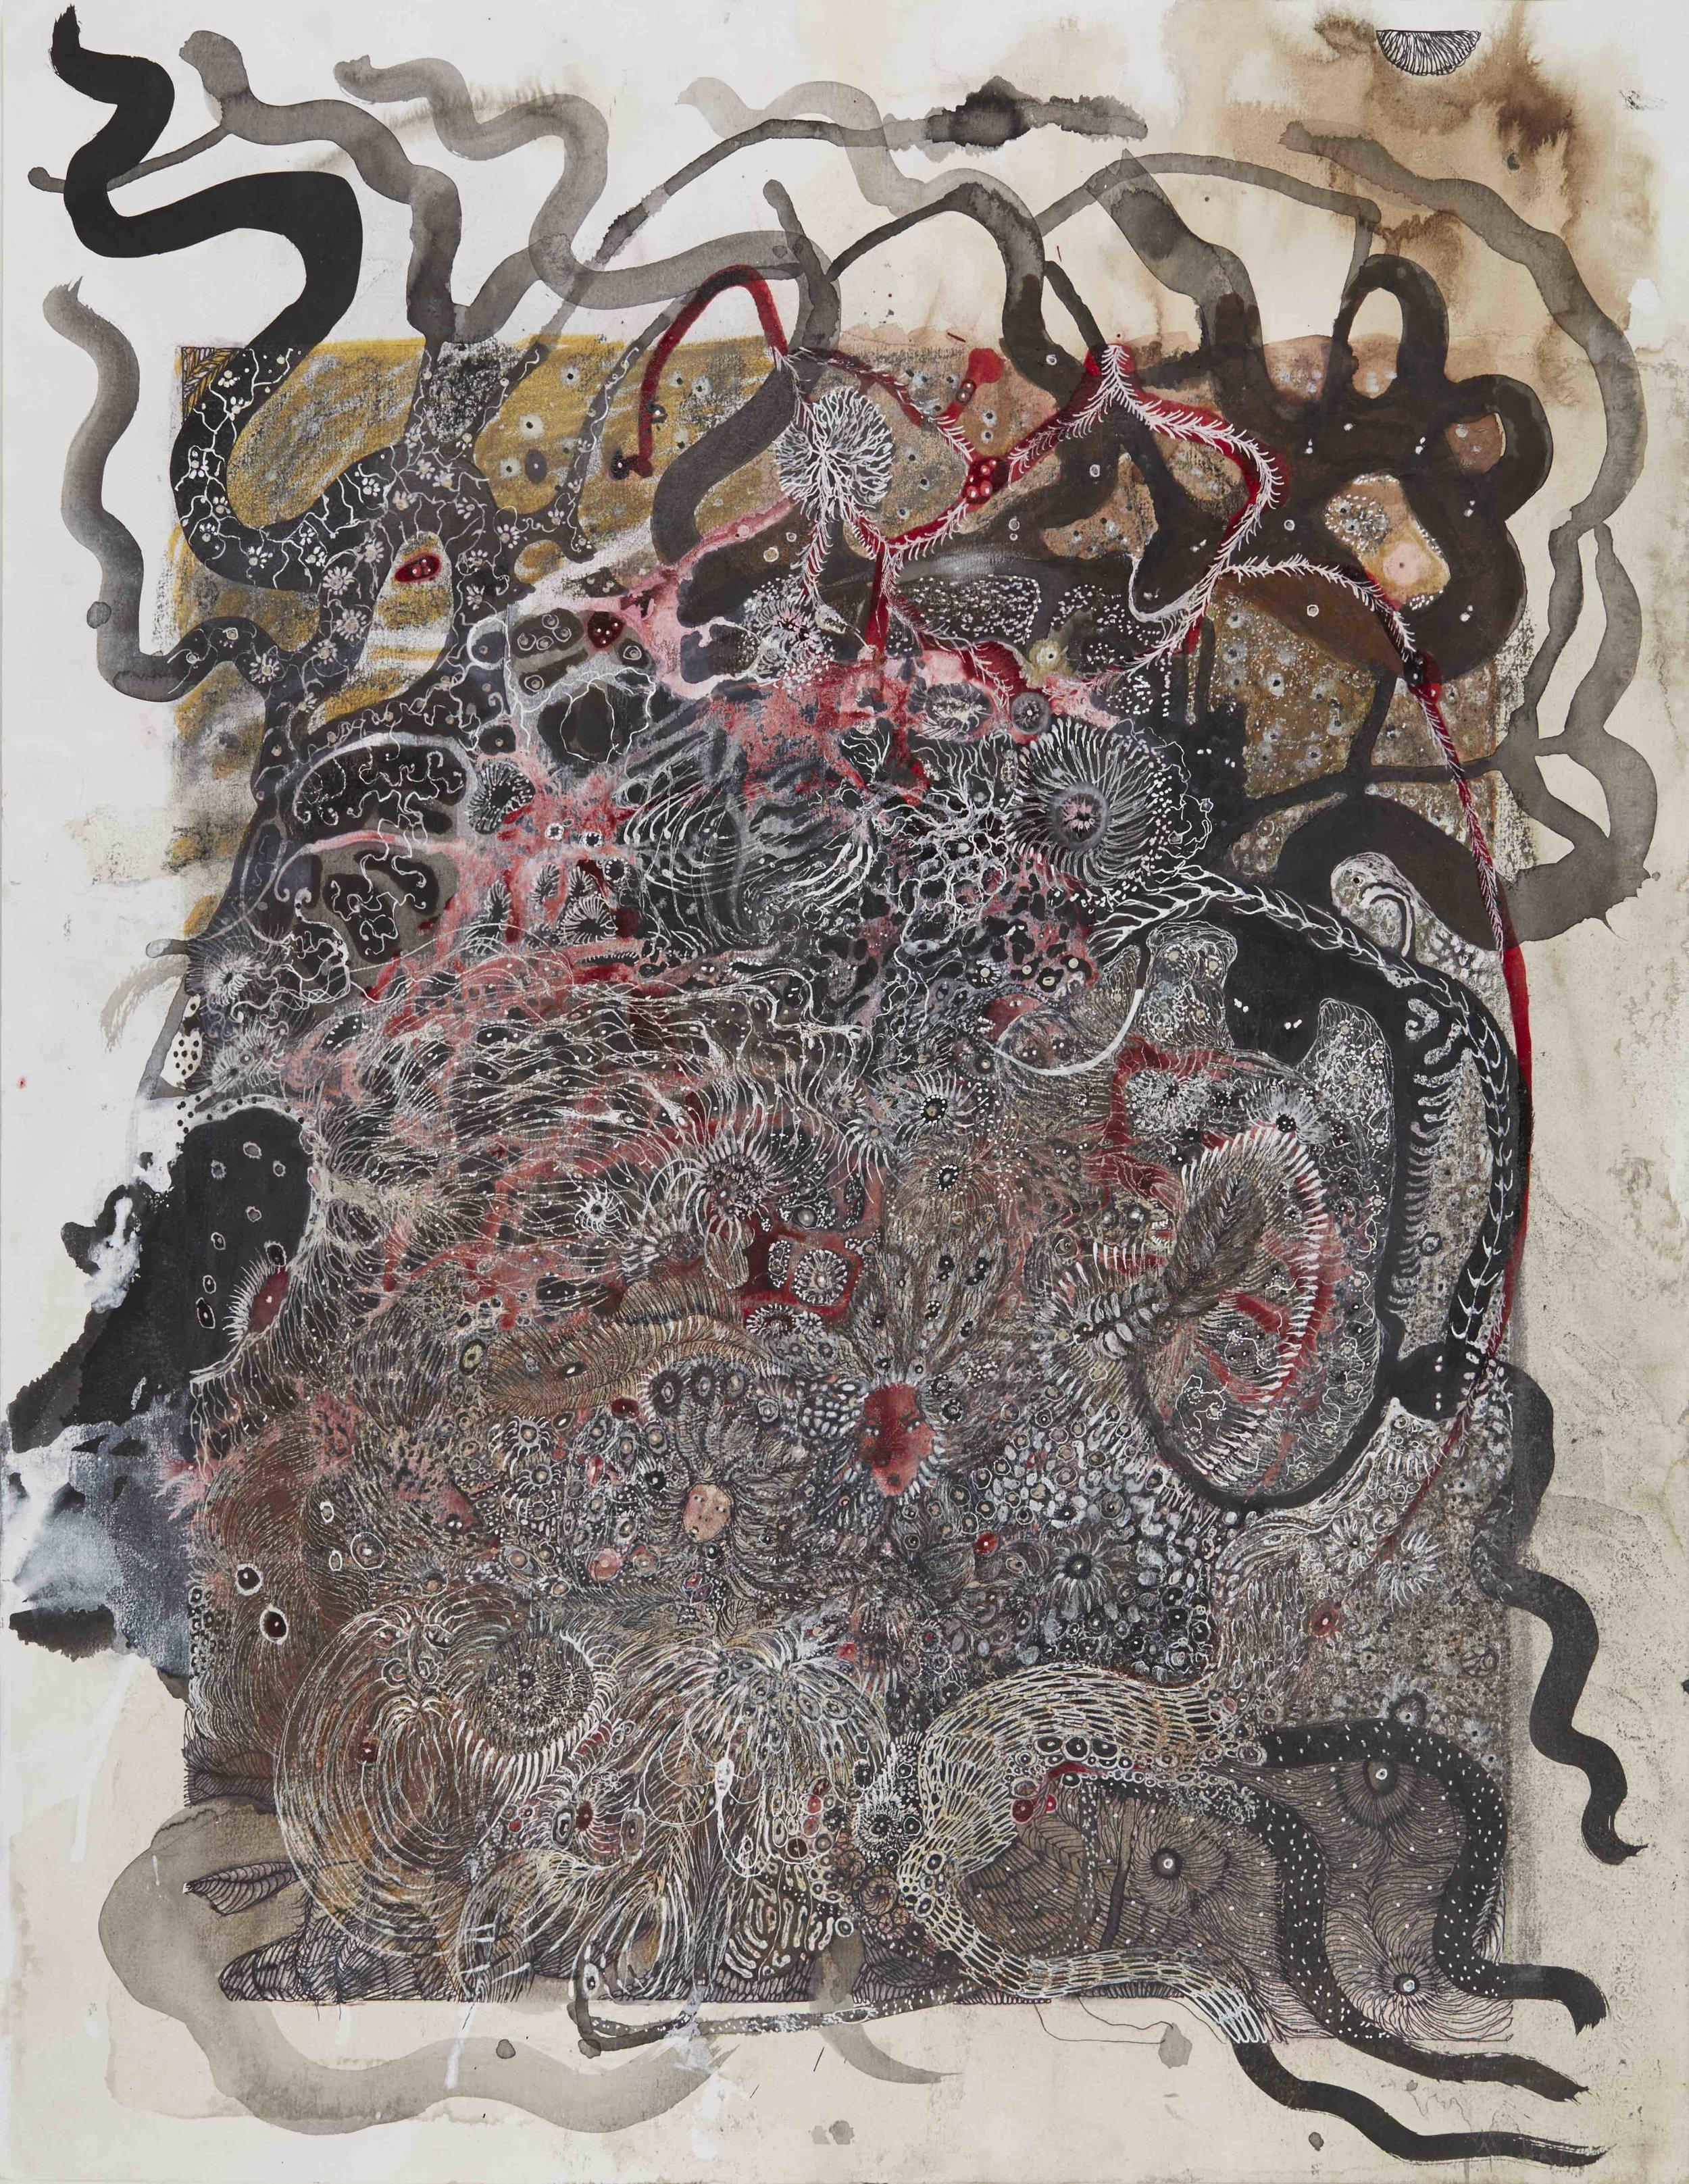 Izabella Ortiz,   Morsures de songes (Bites of dream) No. 1  , 2016, Mixed media on paper, 19.69 x 15.75 inches, 50 x 40 cm, IzO 2